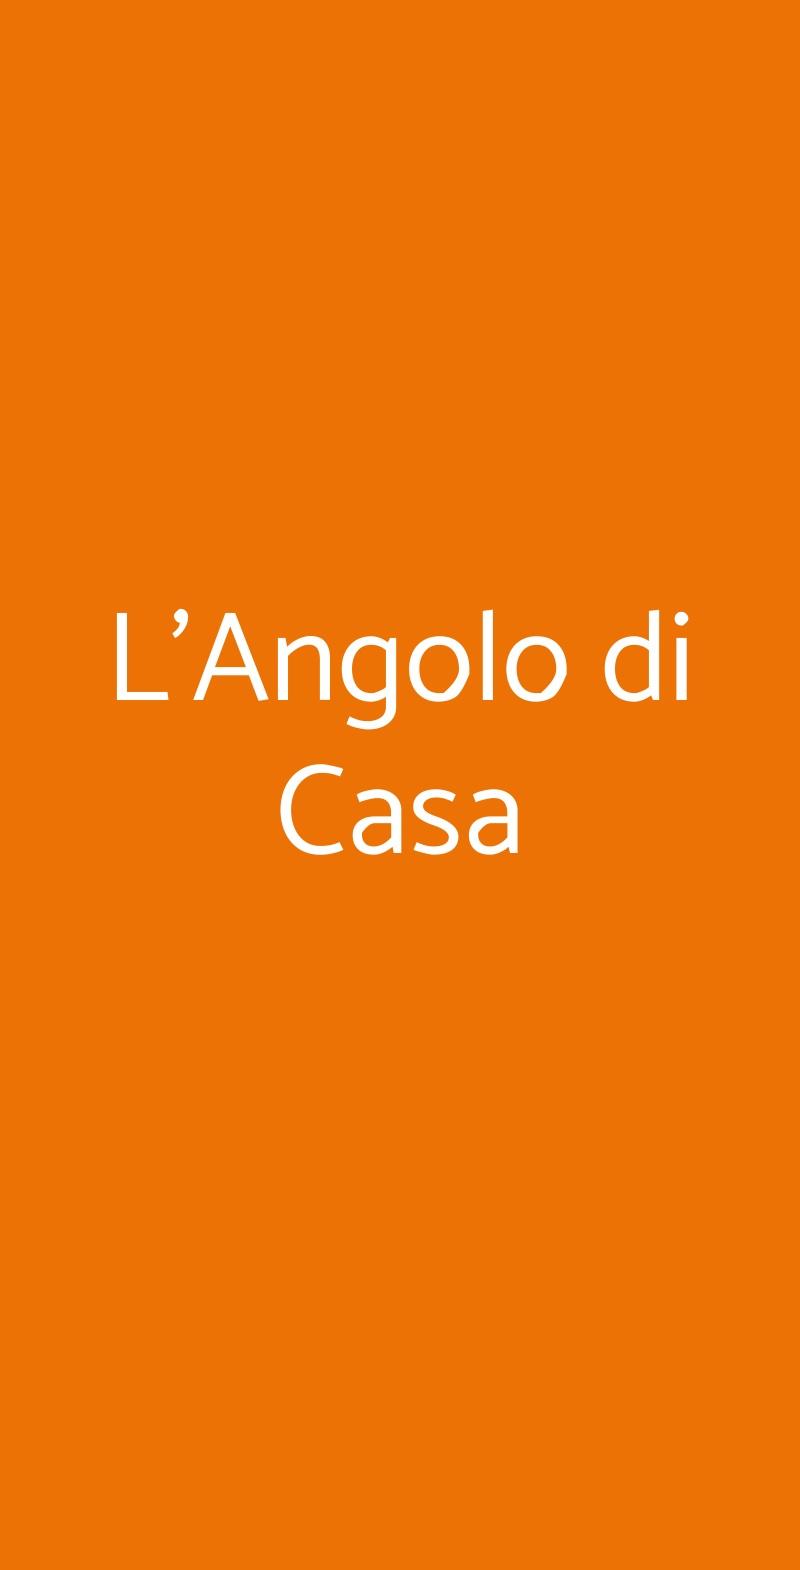 L'Angolo di Casa Milano menù 1 pagina